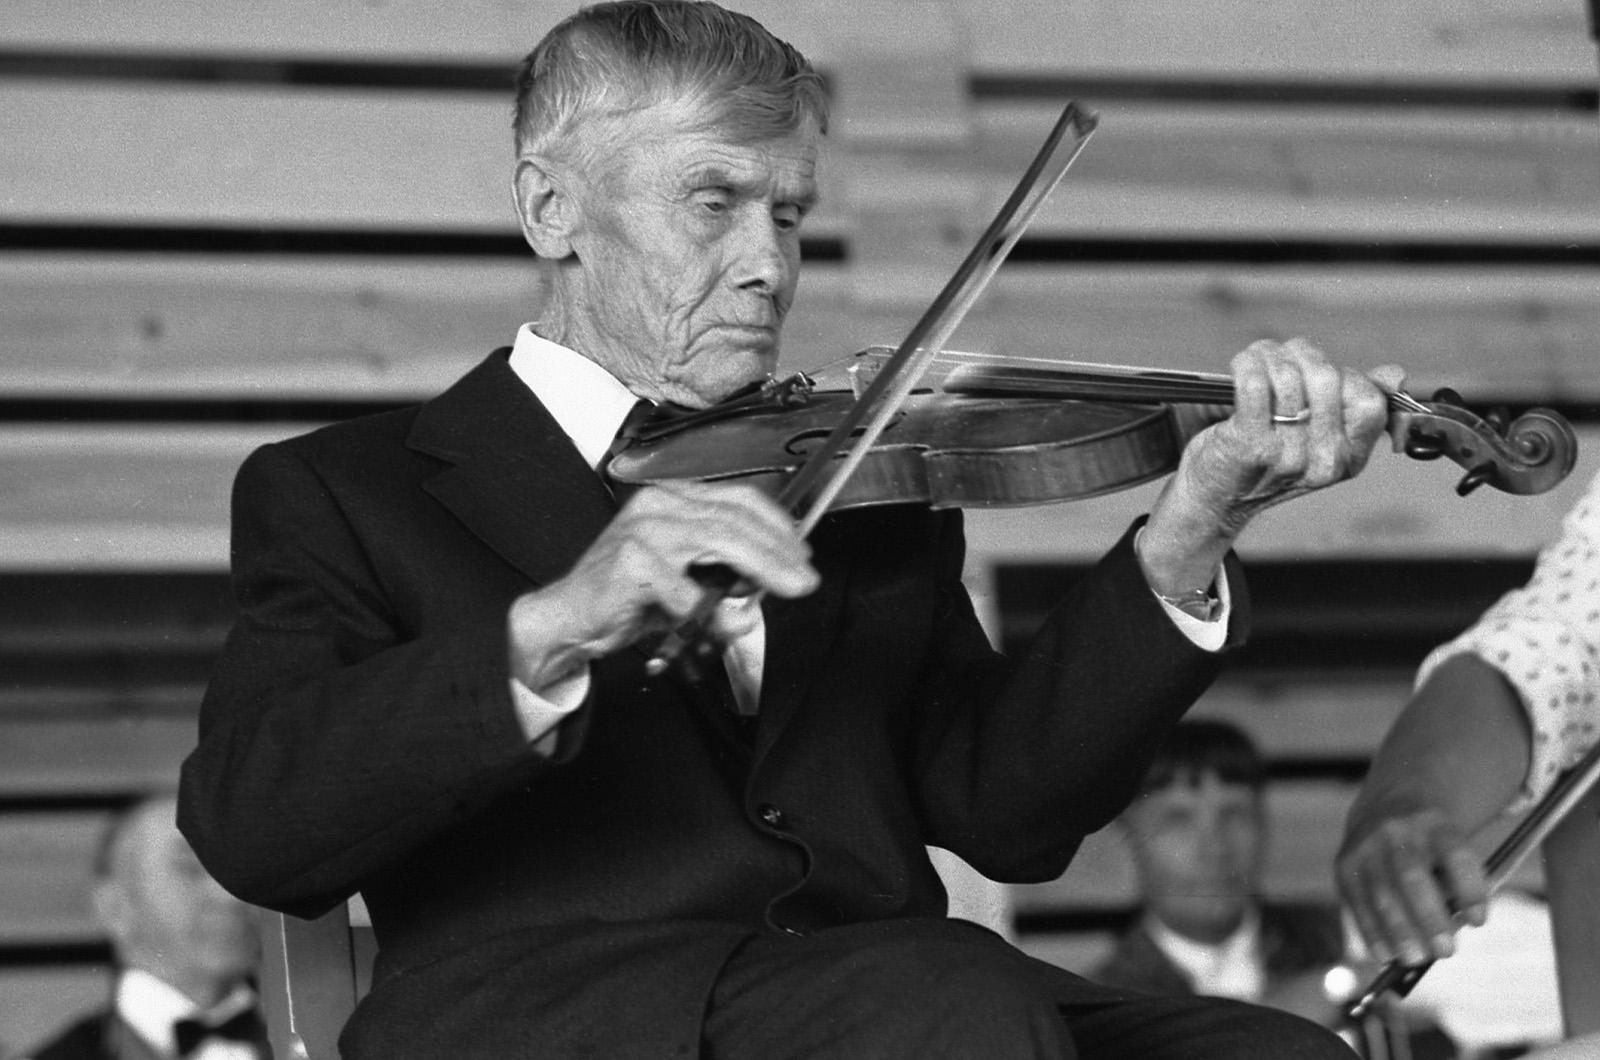 Mestaripelimanni Kustaa Järvinen soittaa viulua keskittyneesti Kaustisella vuonna 19745